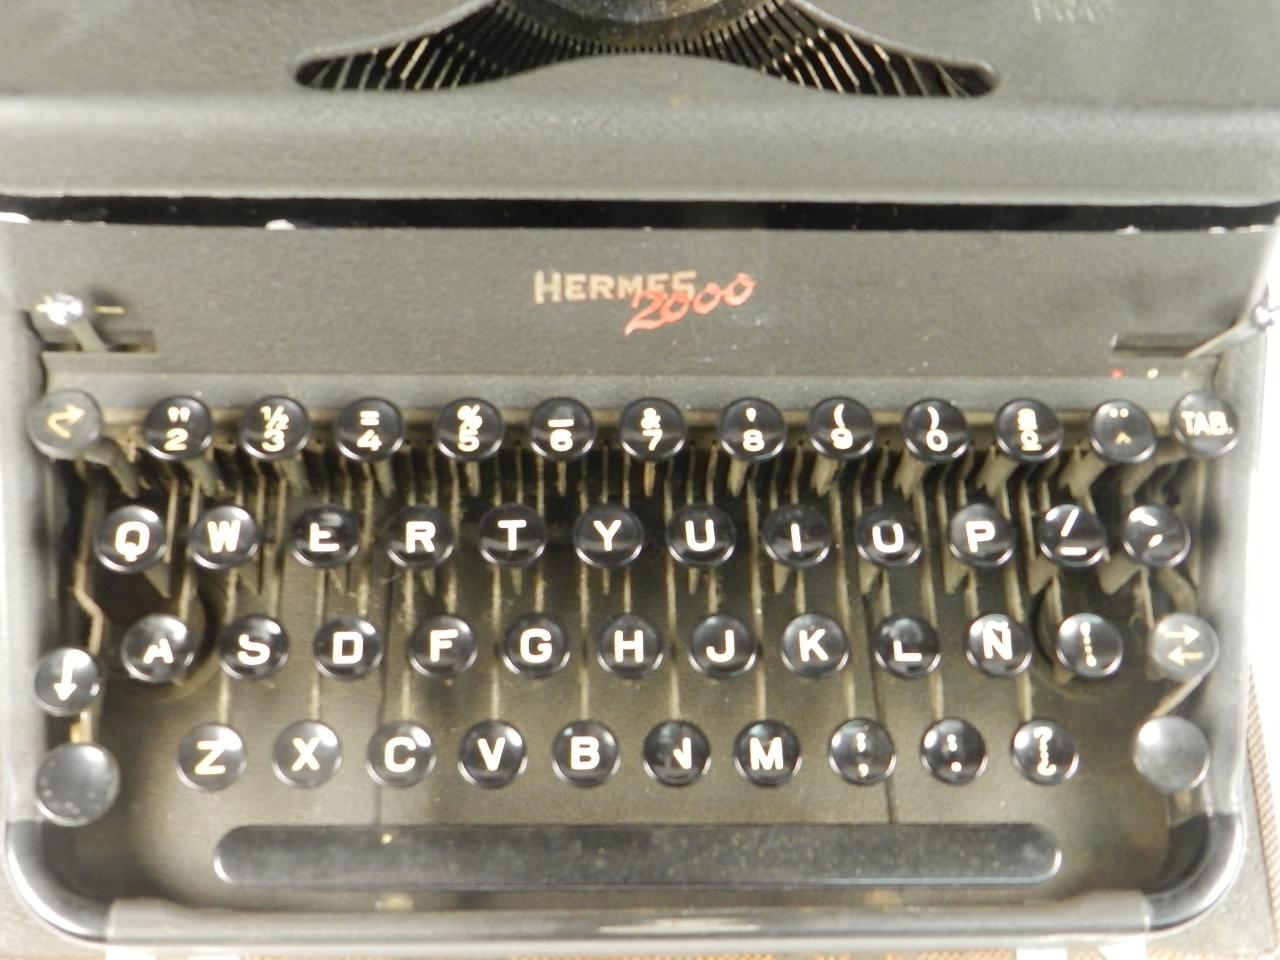 Imagen HERMES 2000 AÑO 1946  TECLADO ESPAÑOL 34560